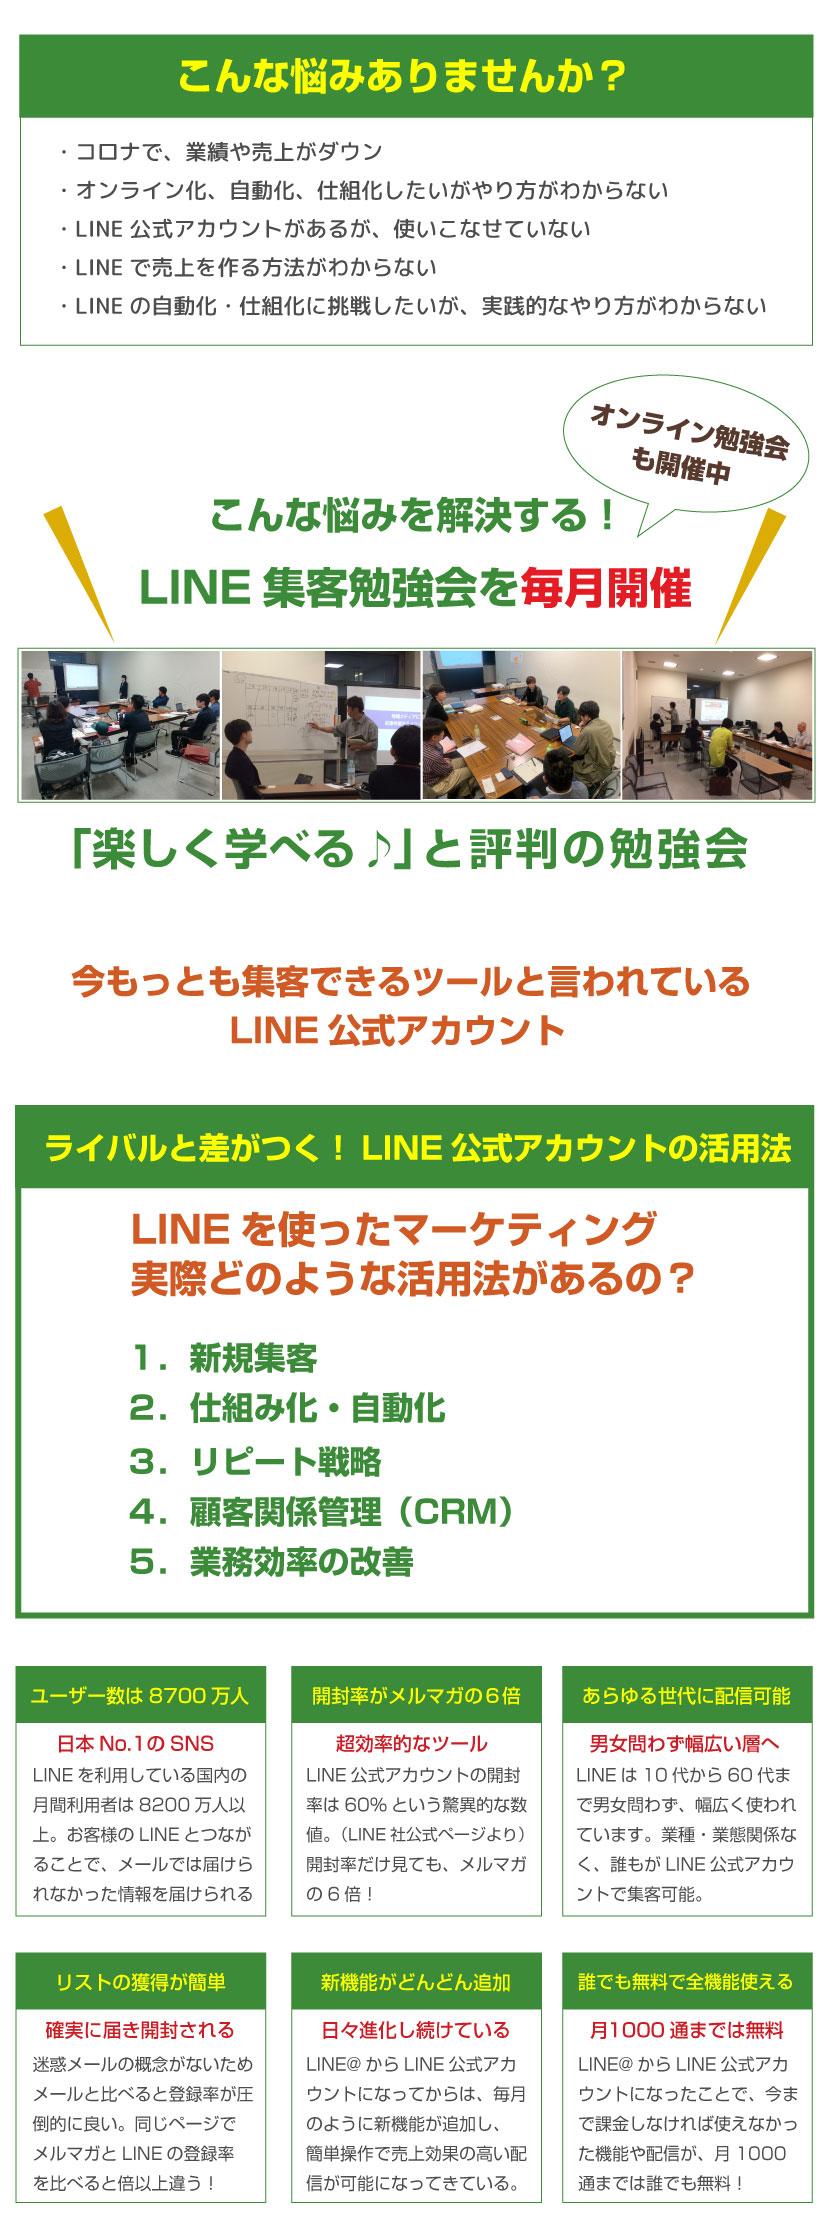 ライバルと差がつく!LINE公式アカウントの活用法